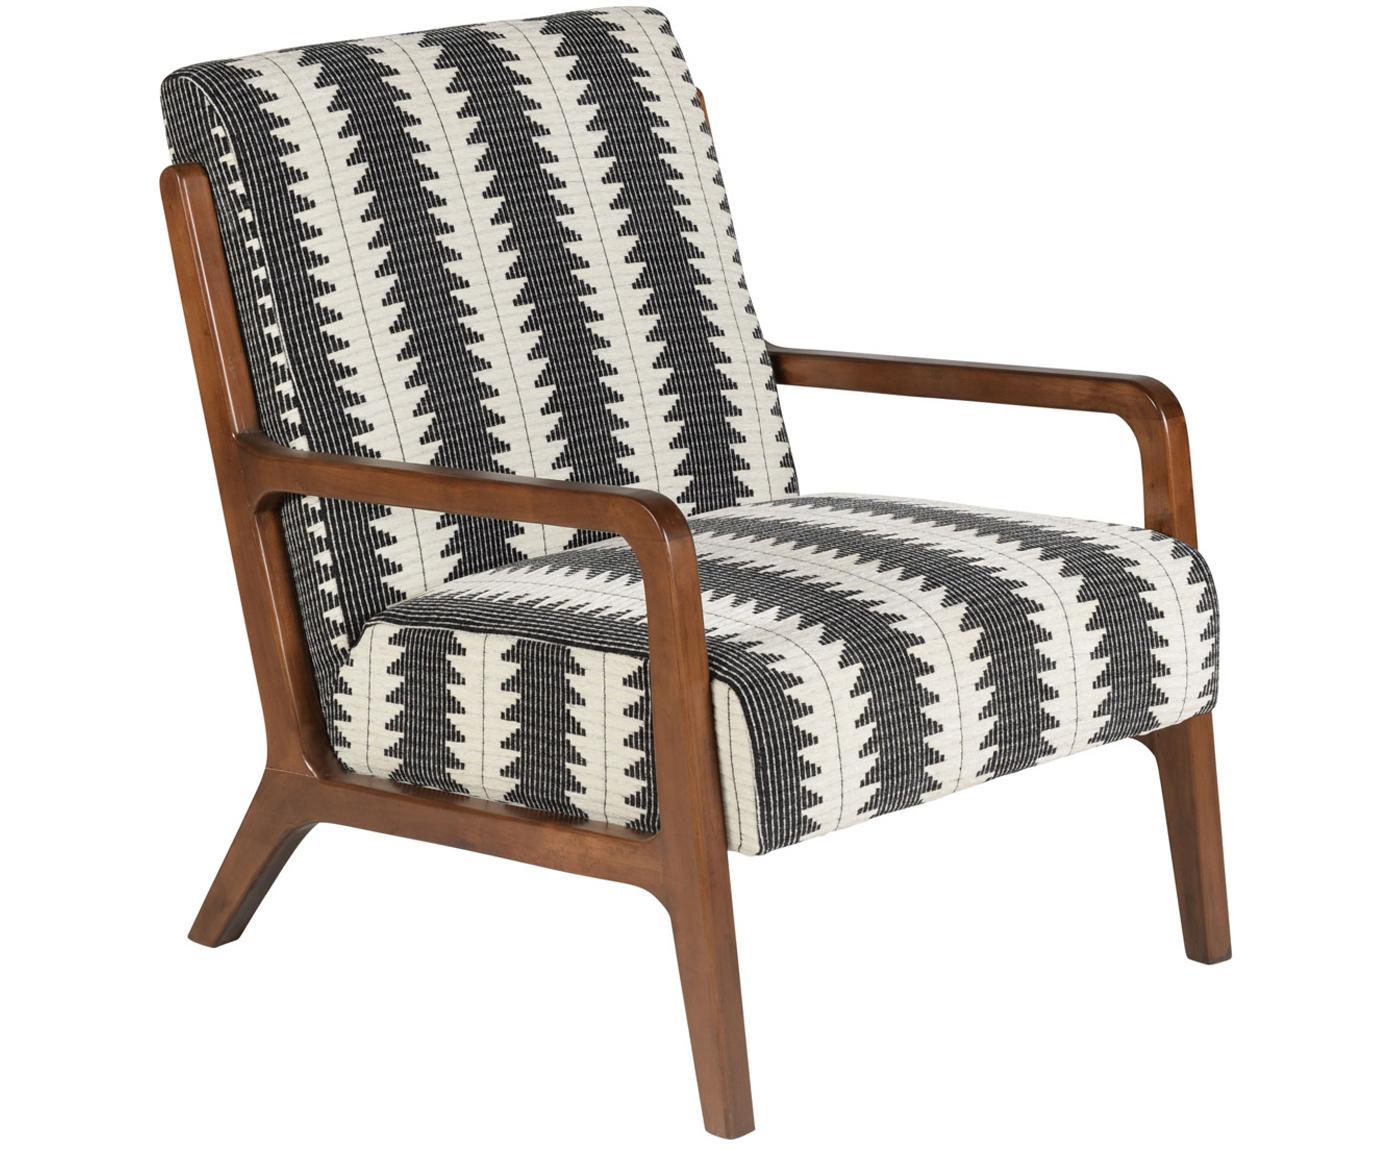 Sessel Naja mit Armlehnen aus Eichenholz, Bezug: Polyester 90.000 Scheuert, Gestell: Eichenholz, massiv und ge, Schwarz, Weiß, B 76 x T 67 cm